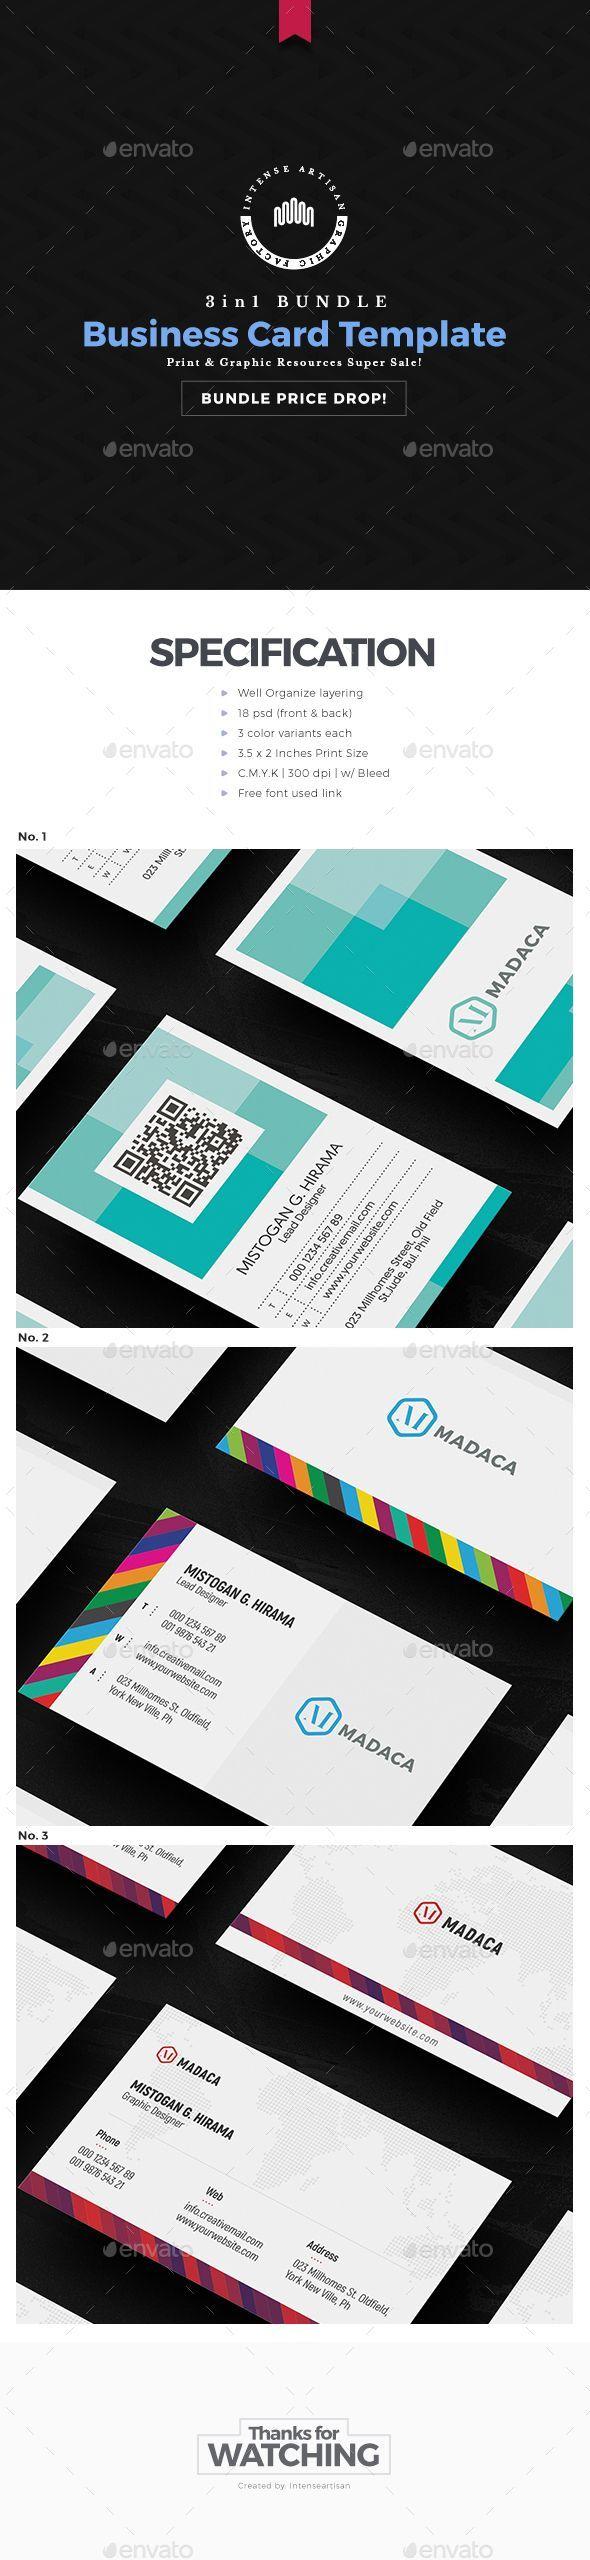 Mejores 53 imágenes de Business Card Template en Pinterest ...